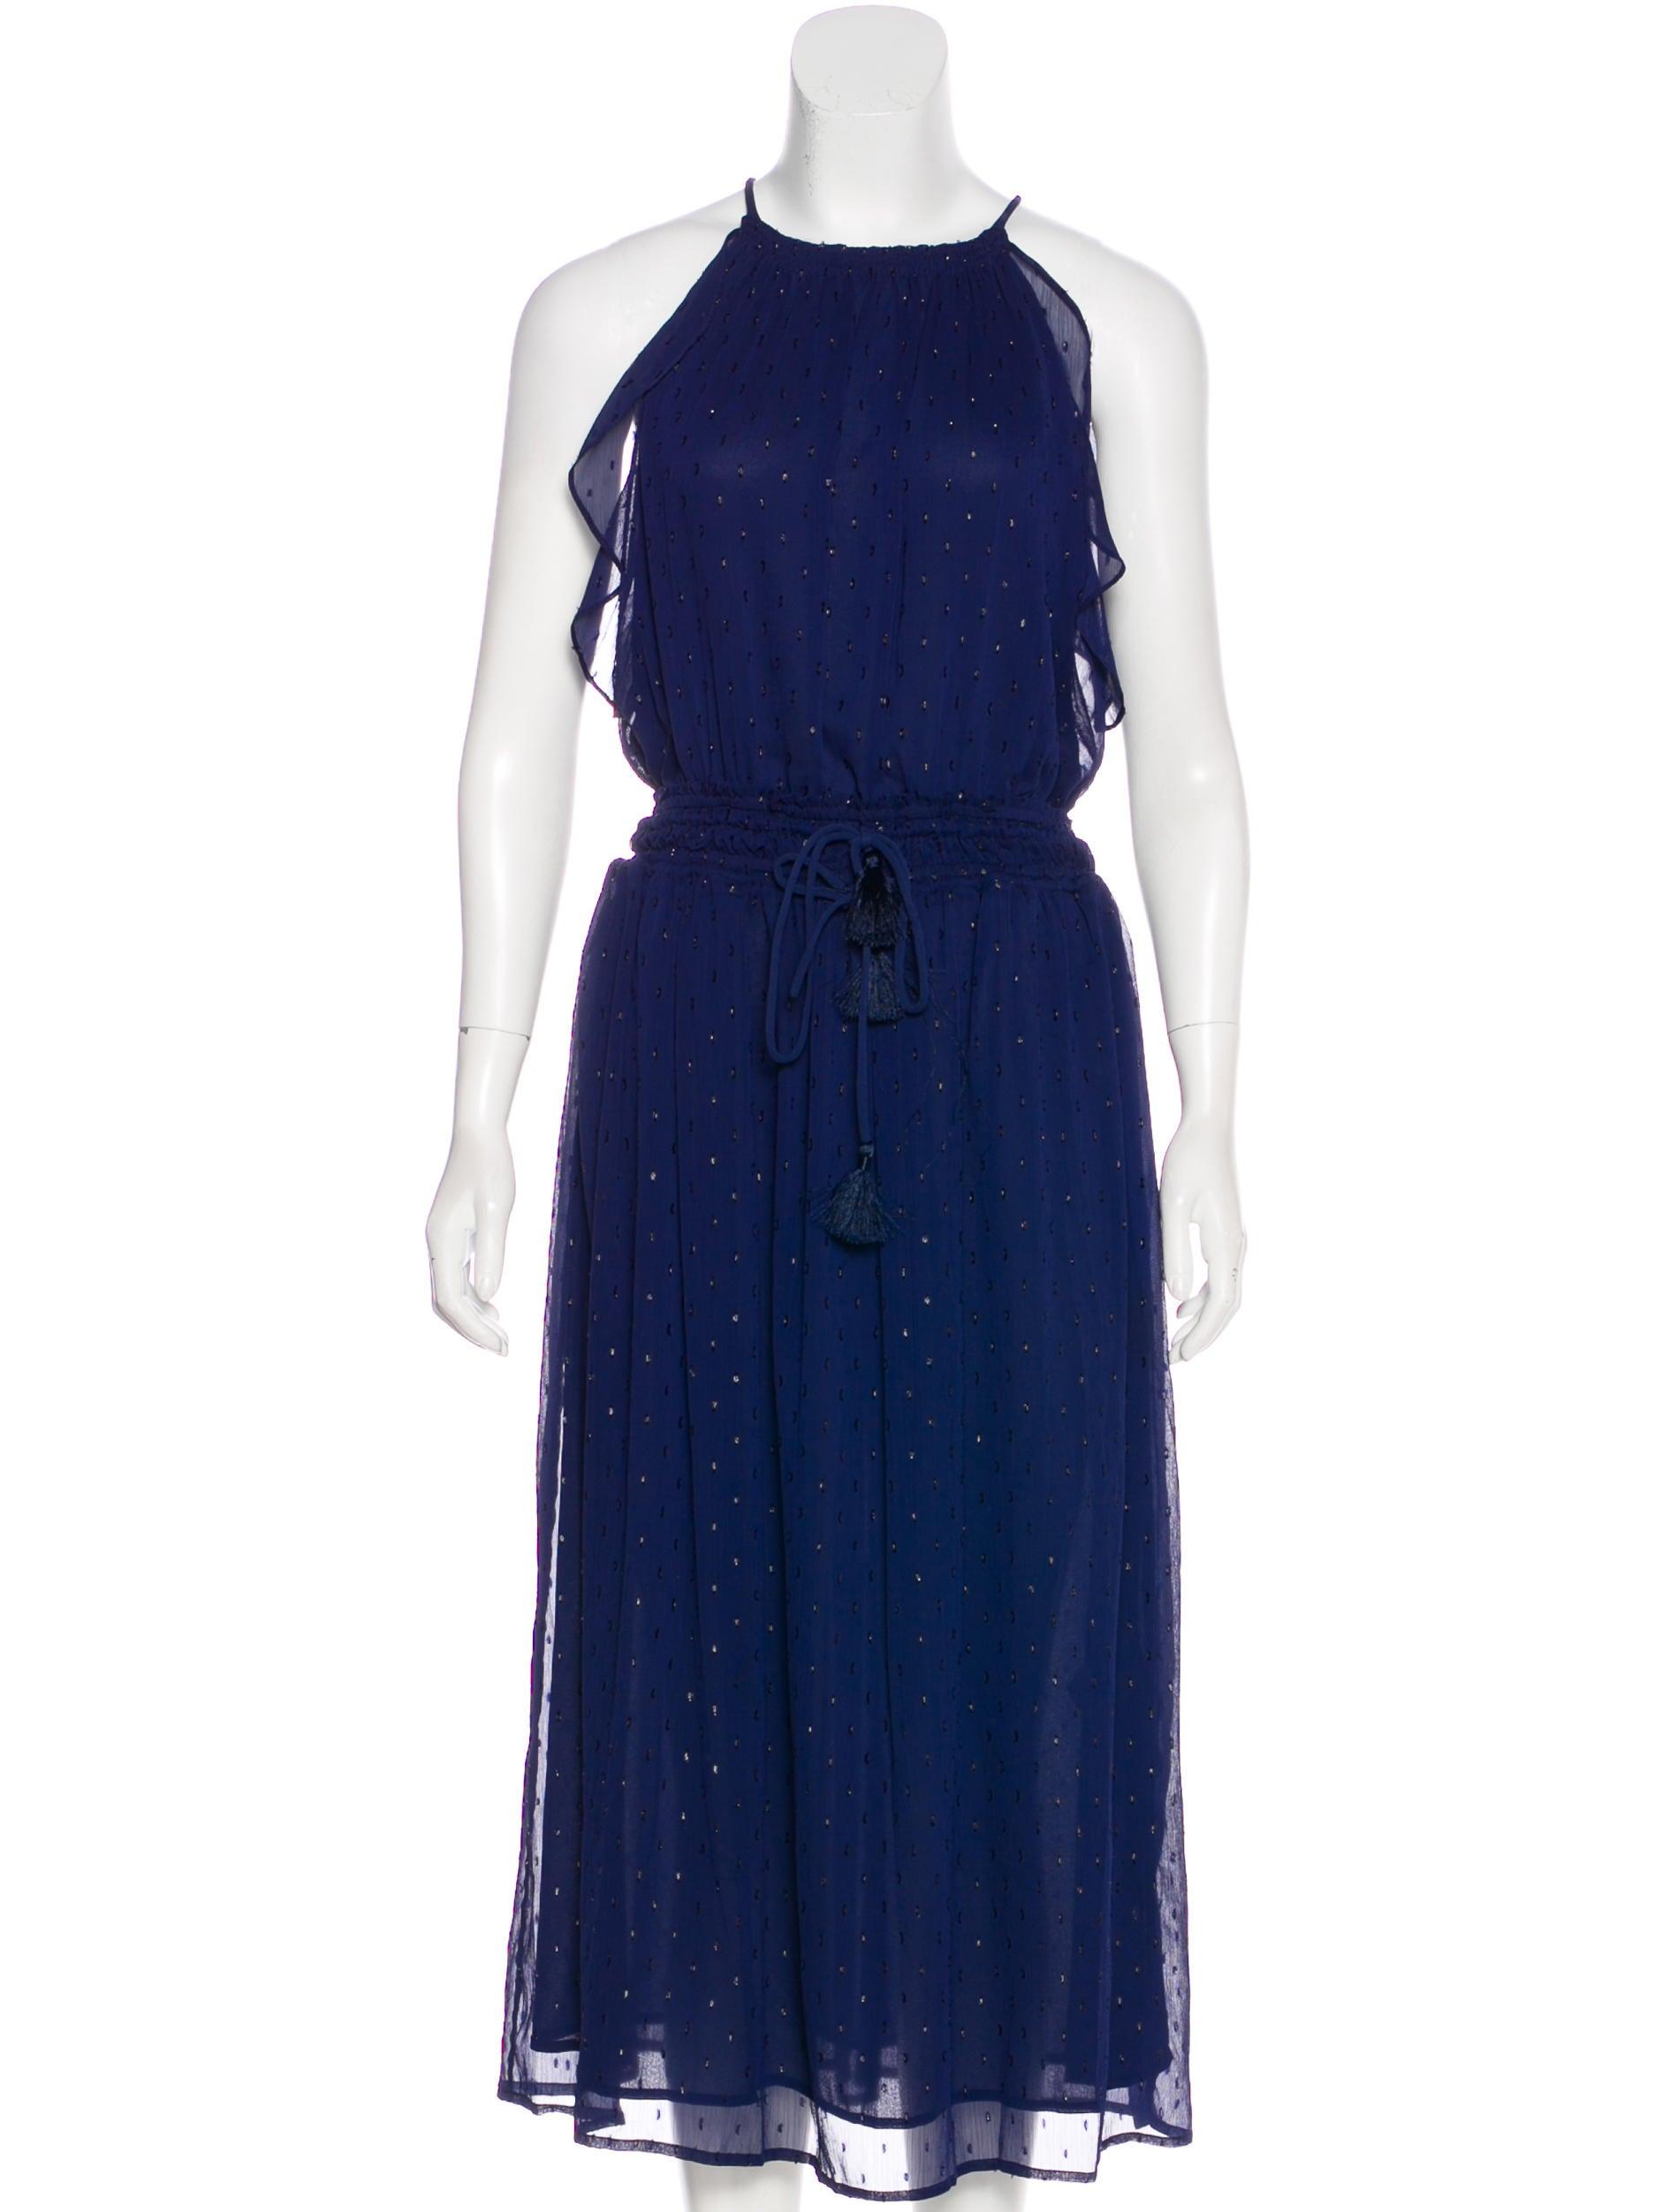 Michael Michael Kors Devoré Evening Dress - Dresses - WM526172 | The ...